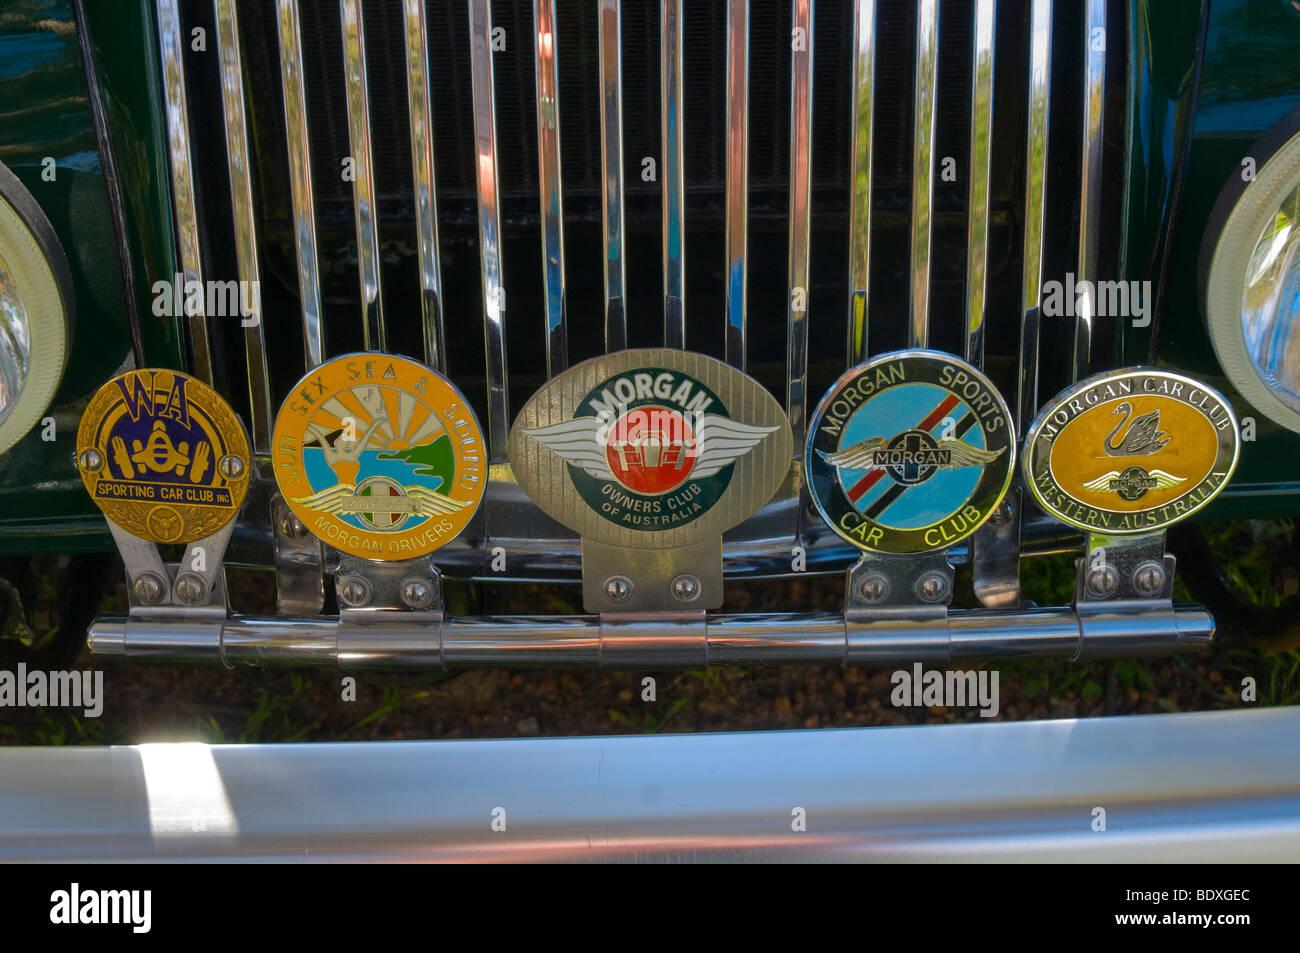 Classic Car Club Membership